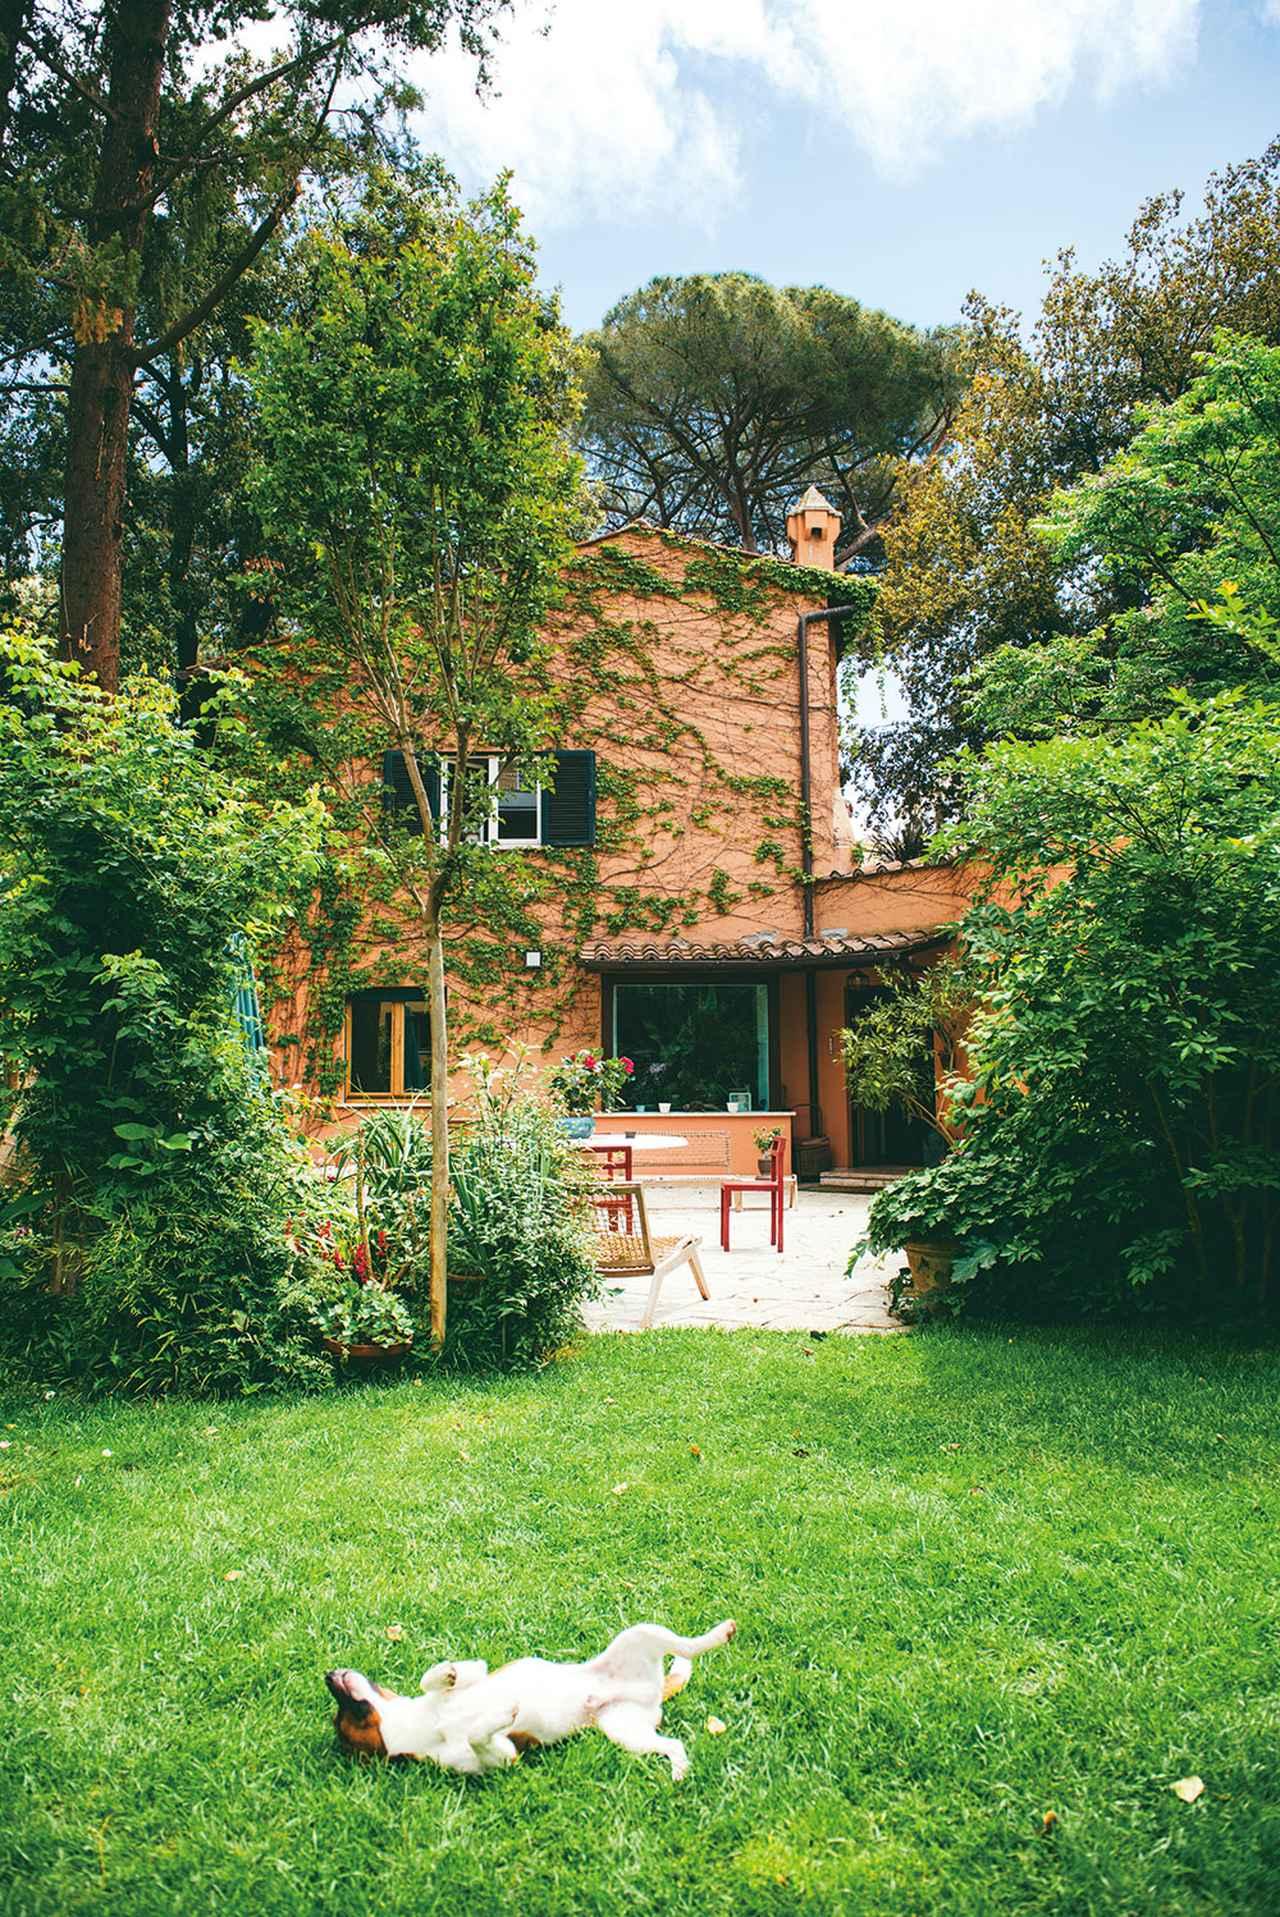 画像: 息子ルカが住むローマの家の庭は植物でいっぱい!